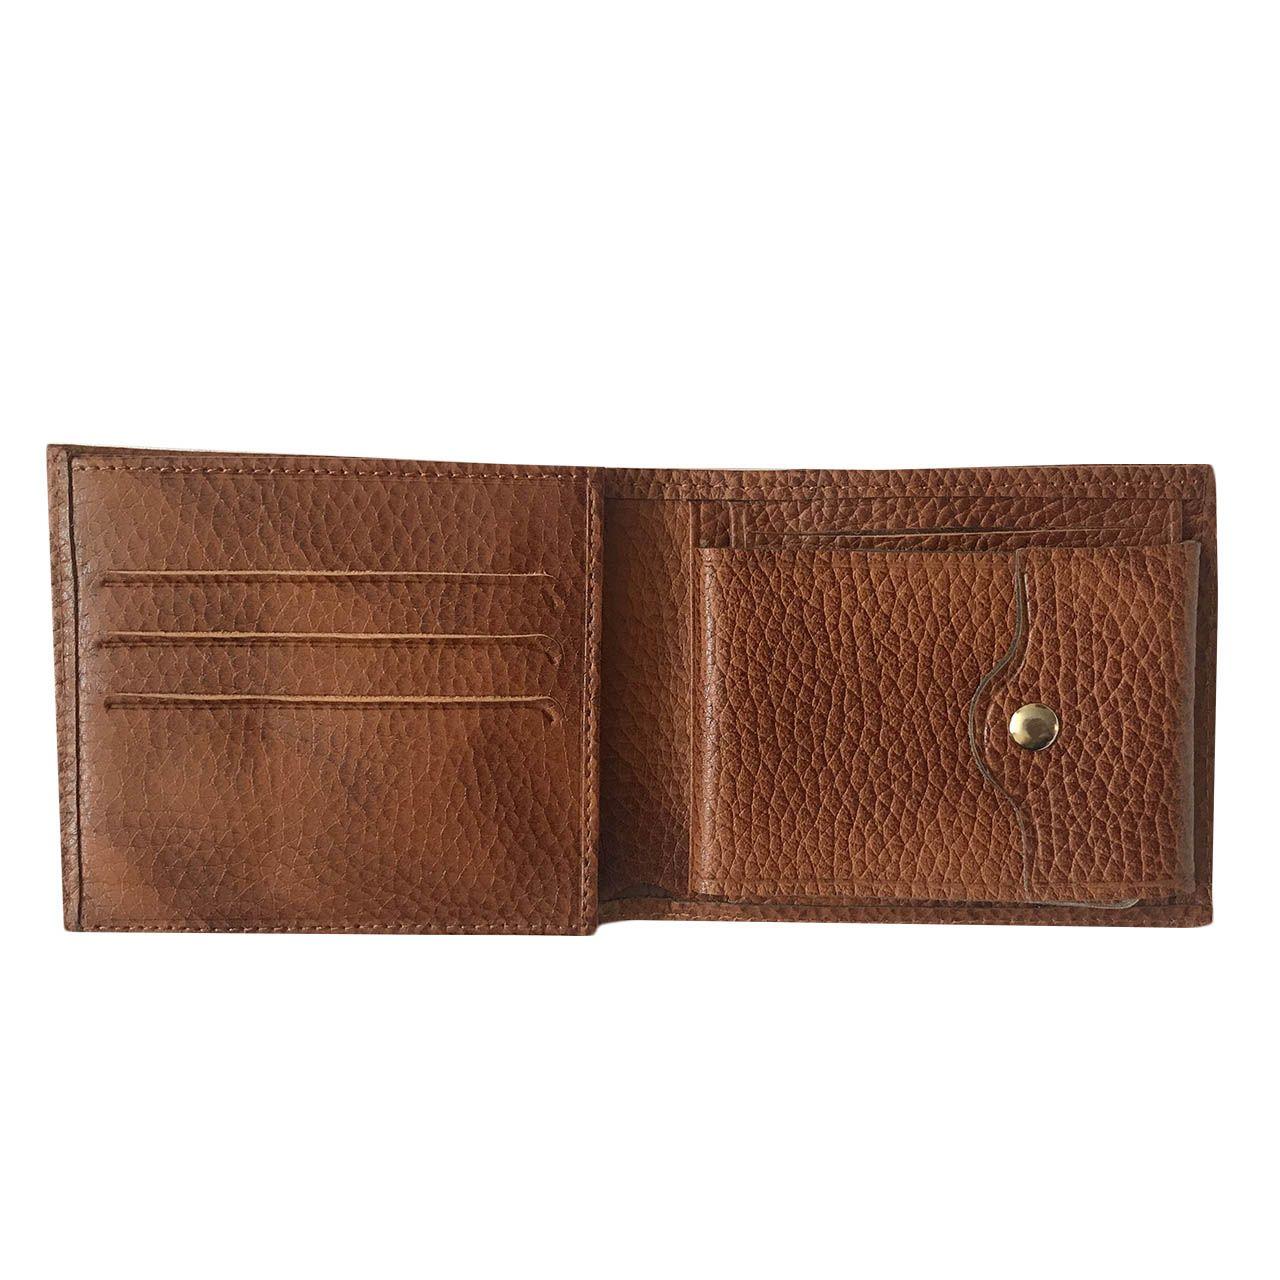 کیف پول مردانه رایا چرم مدل ELIA -  - 3